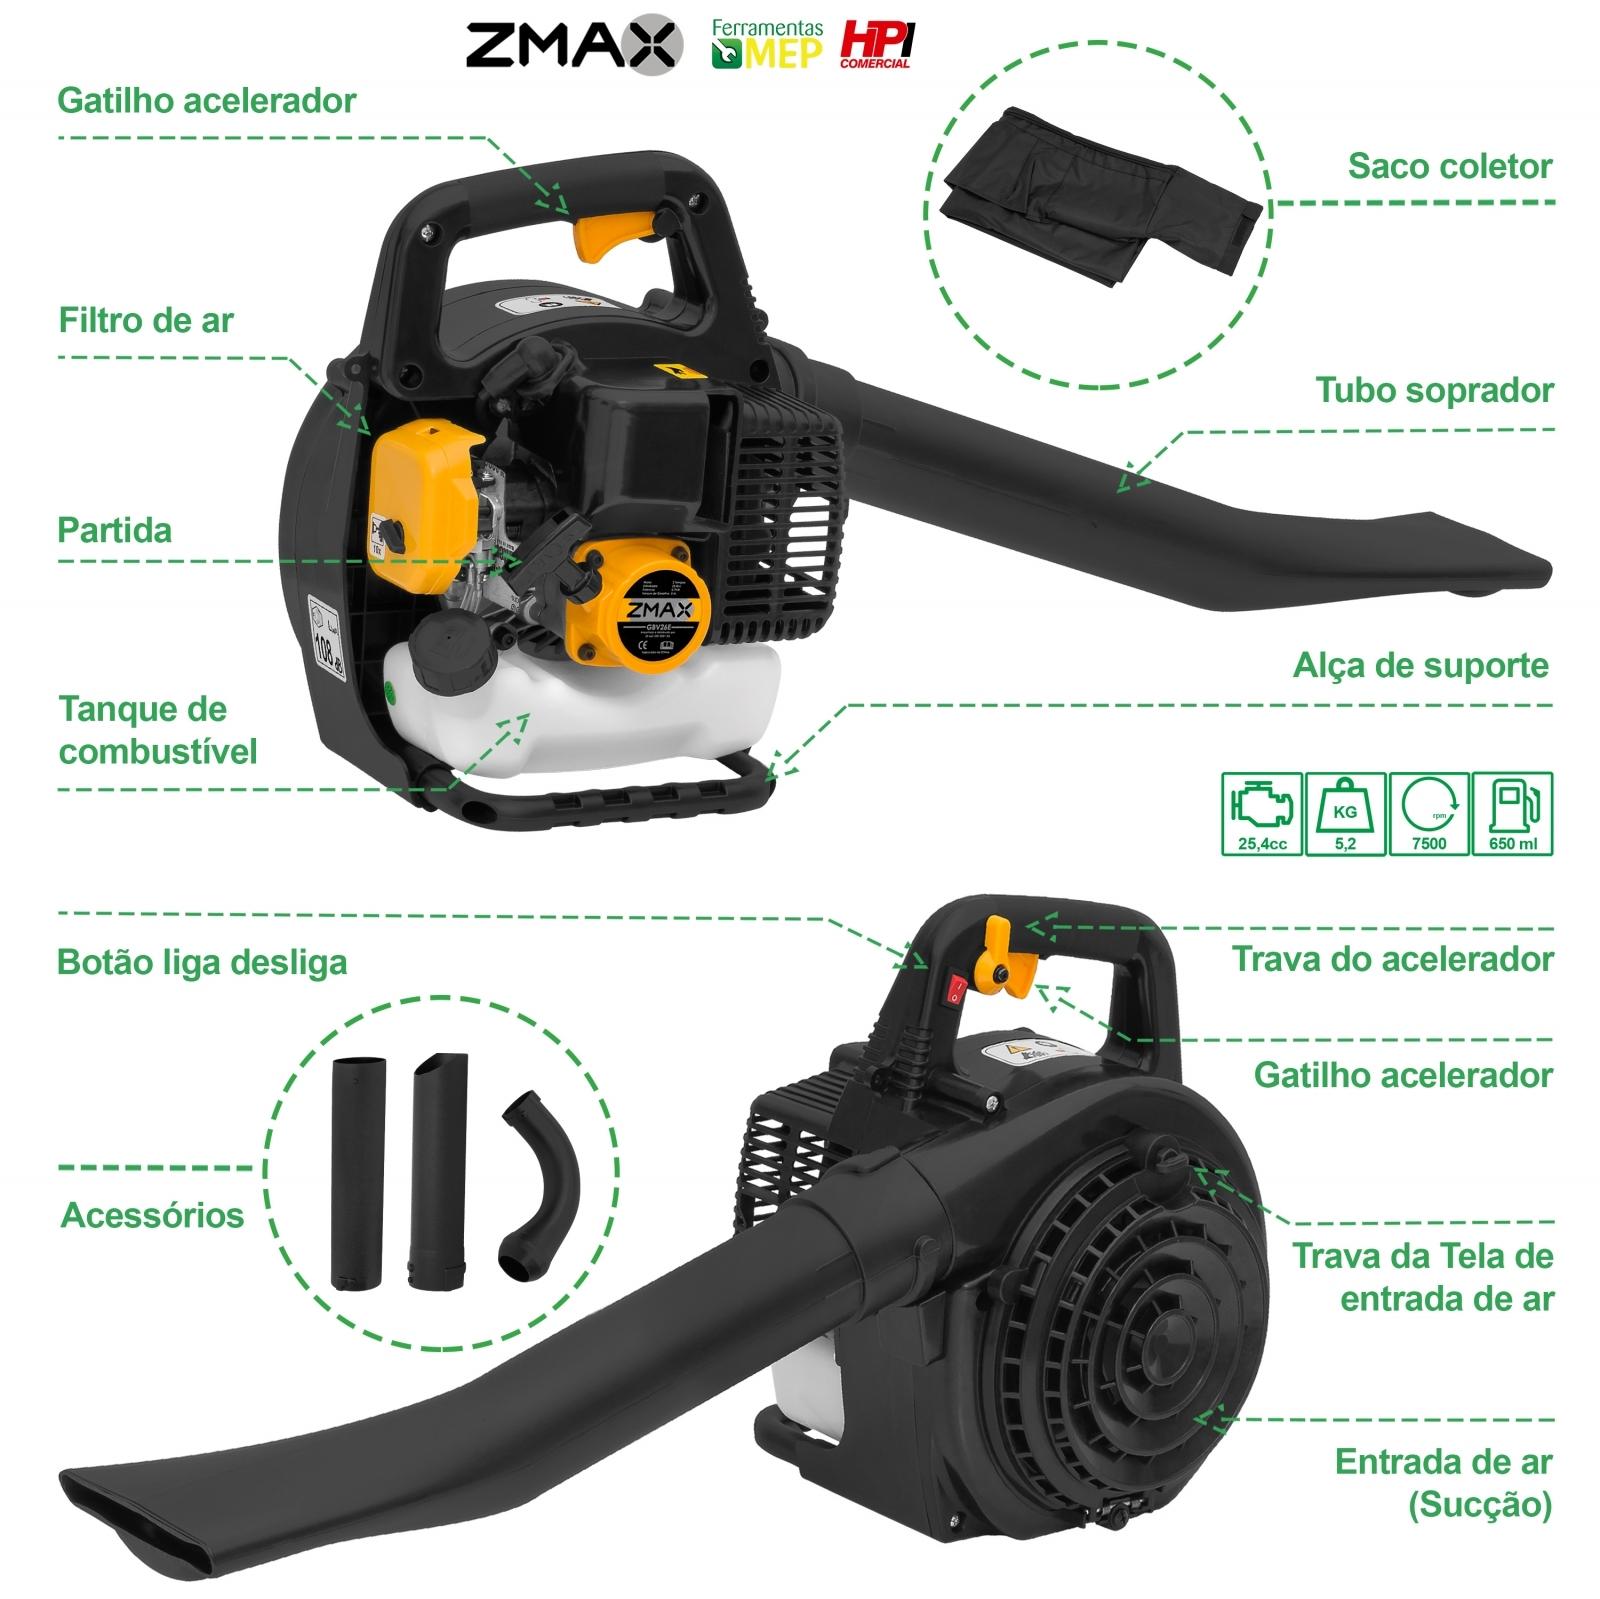 Soprador De Folhas A Gasolina Zmax GBV26E - Ferramentas MEP